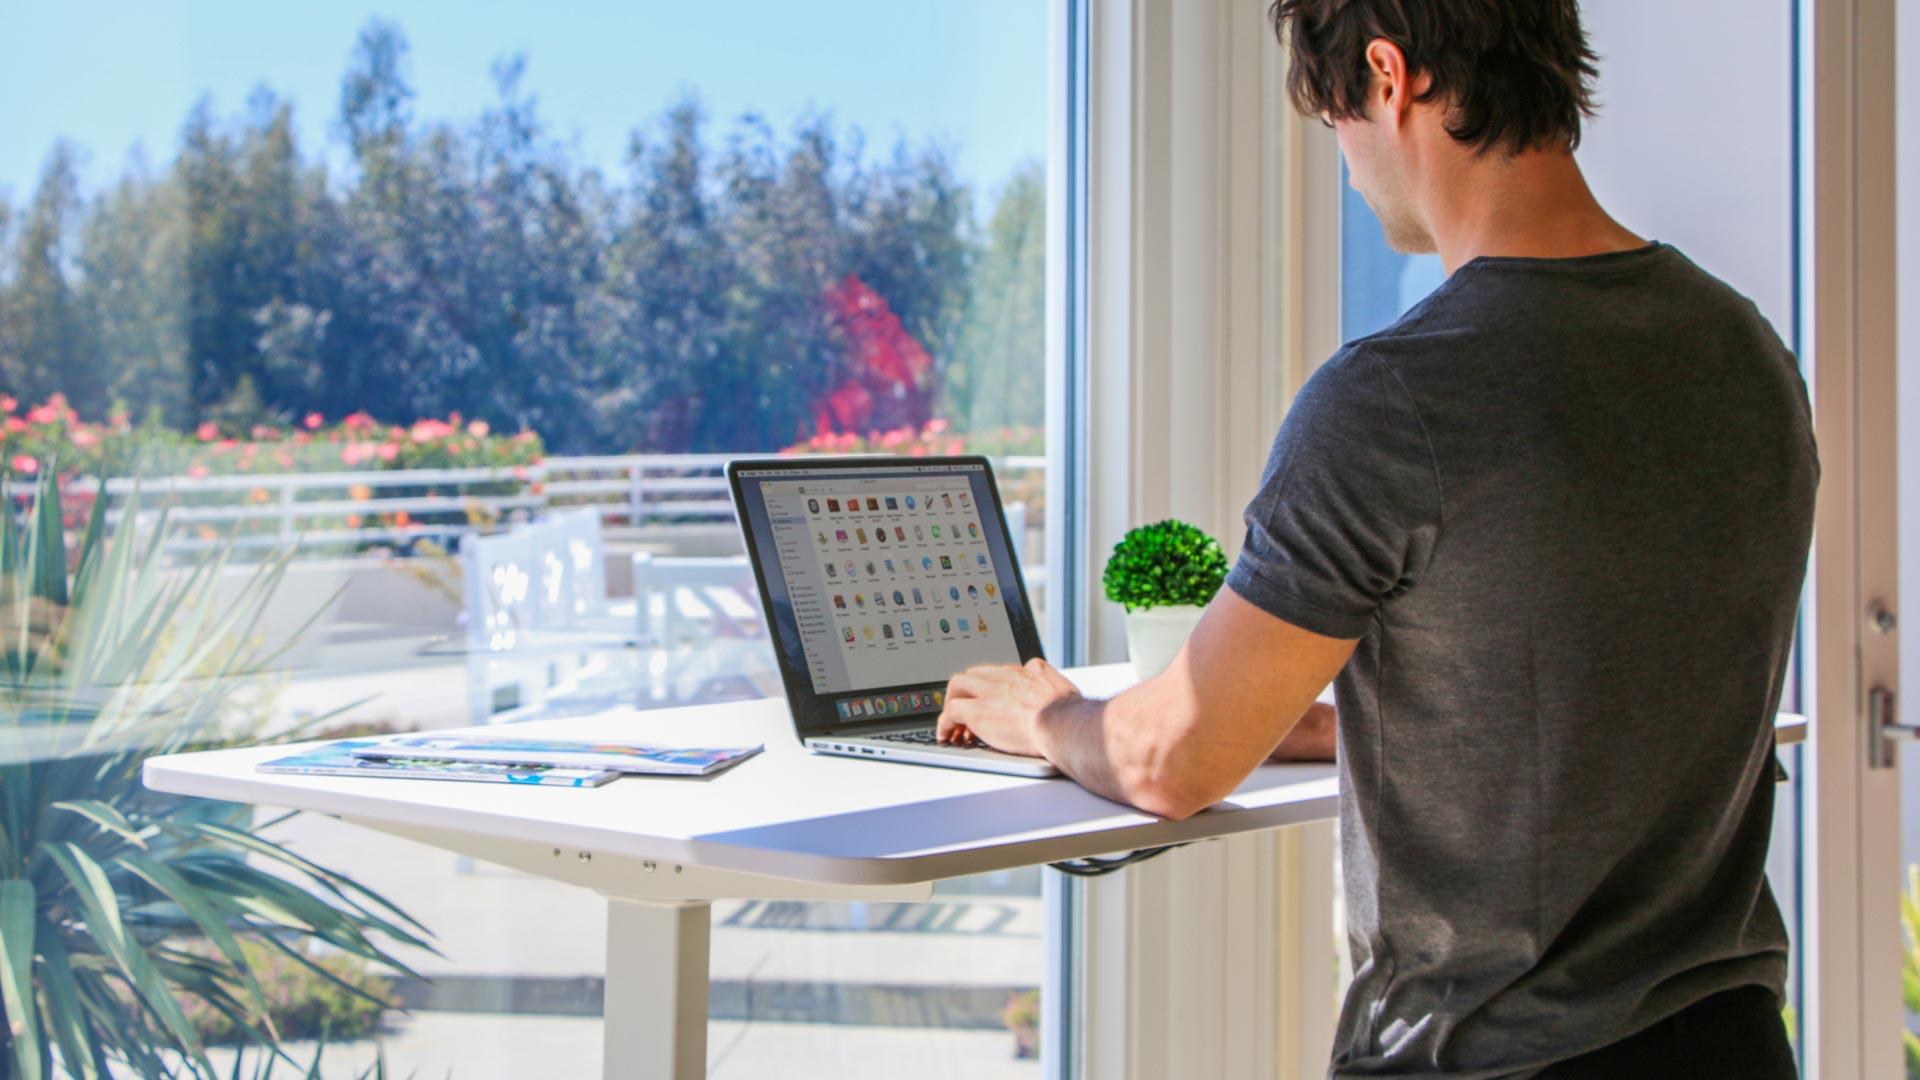 work at Autonomous Standing Desk